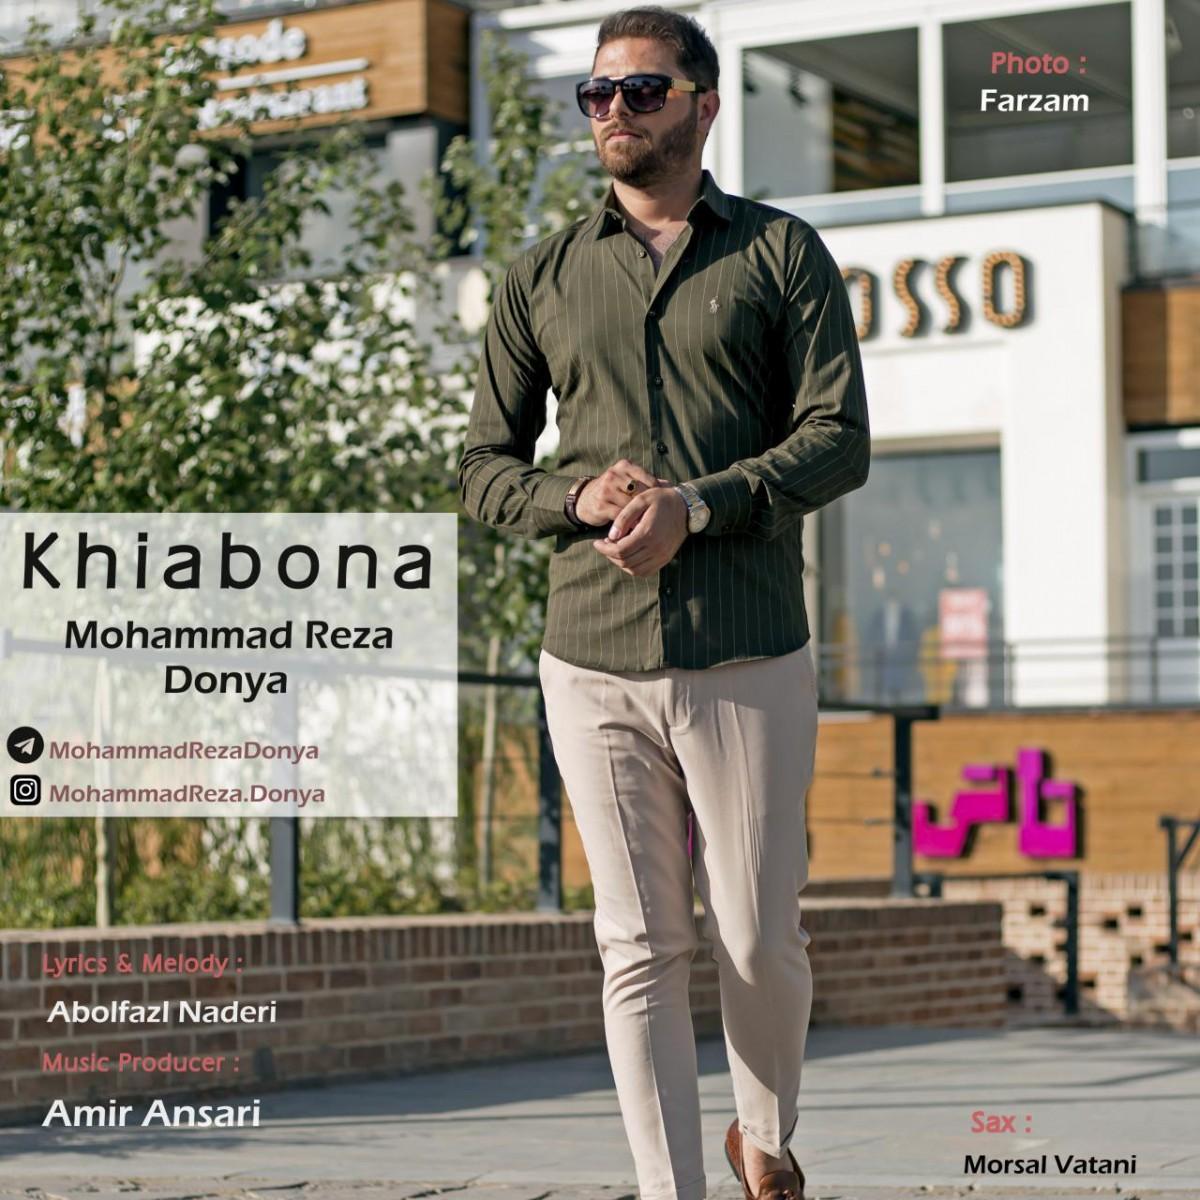 نامبر وان موزیک | دانلود آهنگ جدید Mohammad-Reza-Donya-Khiabona